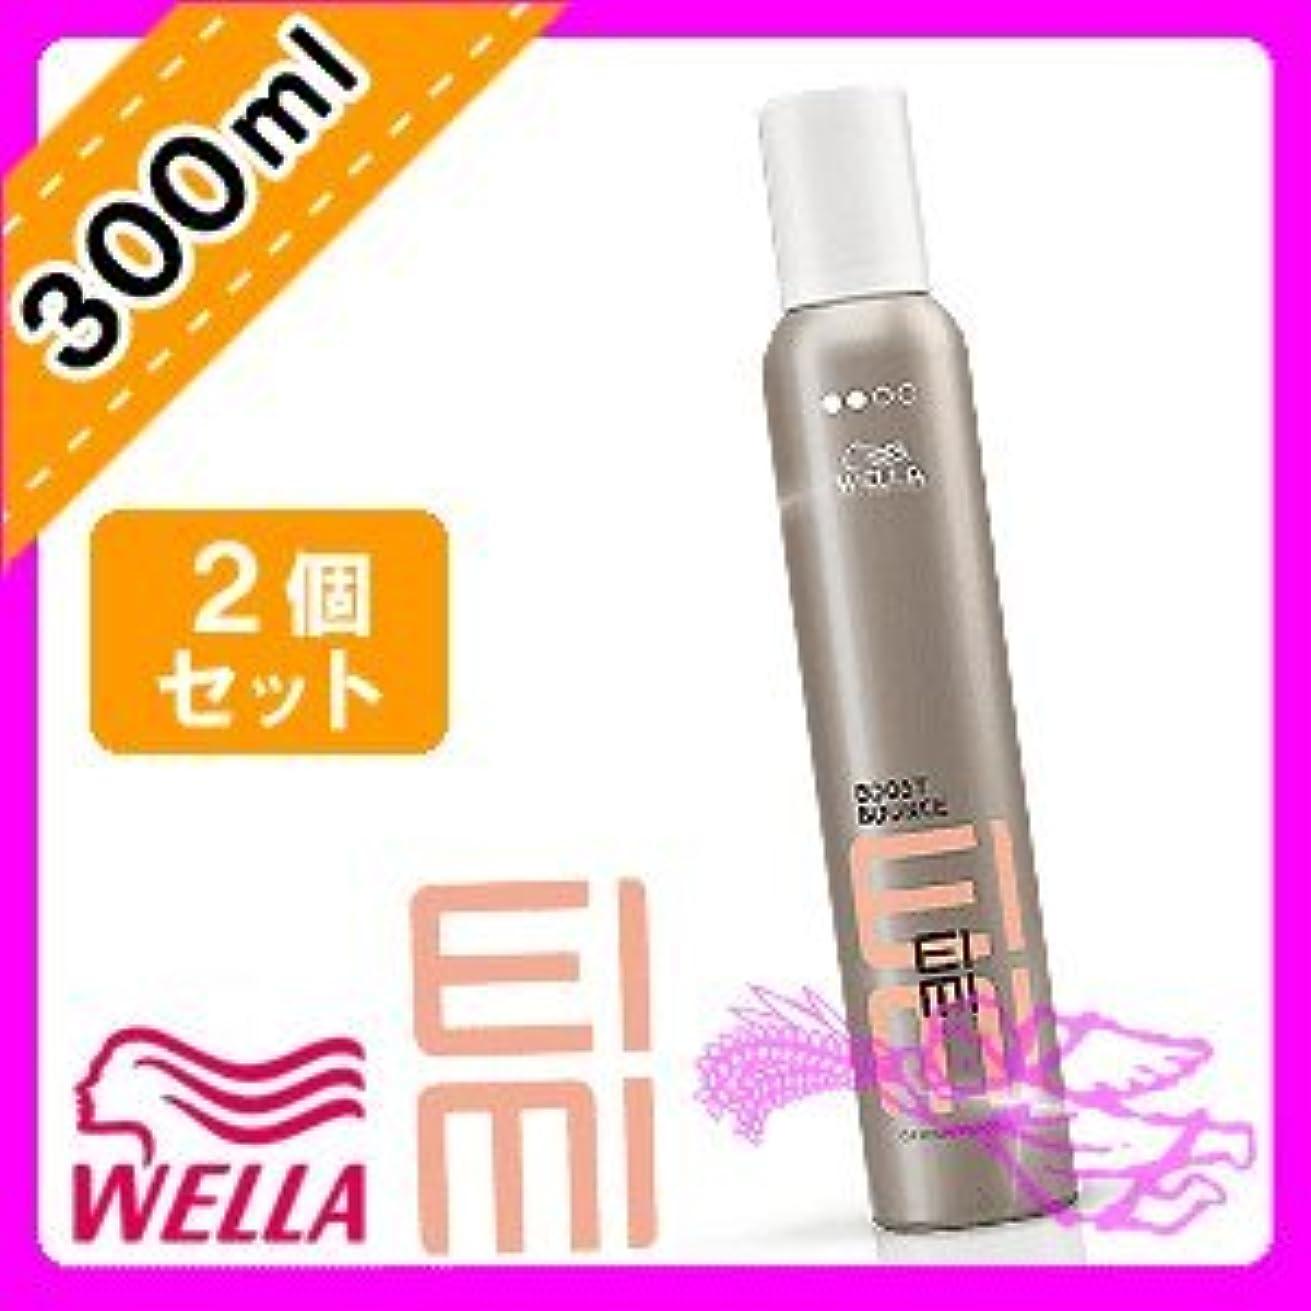 ウエラ EIMI(アイミィ) ブーストバウンスムース 300ml ×2個 セット WELLA P&G